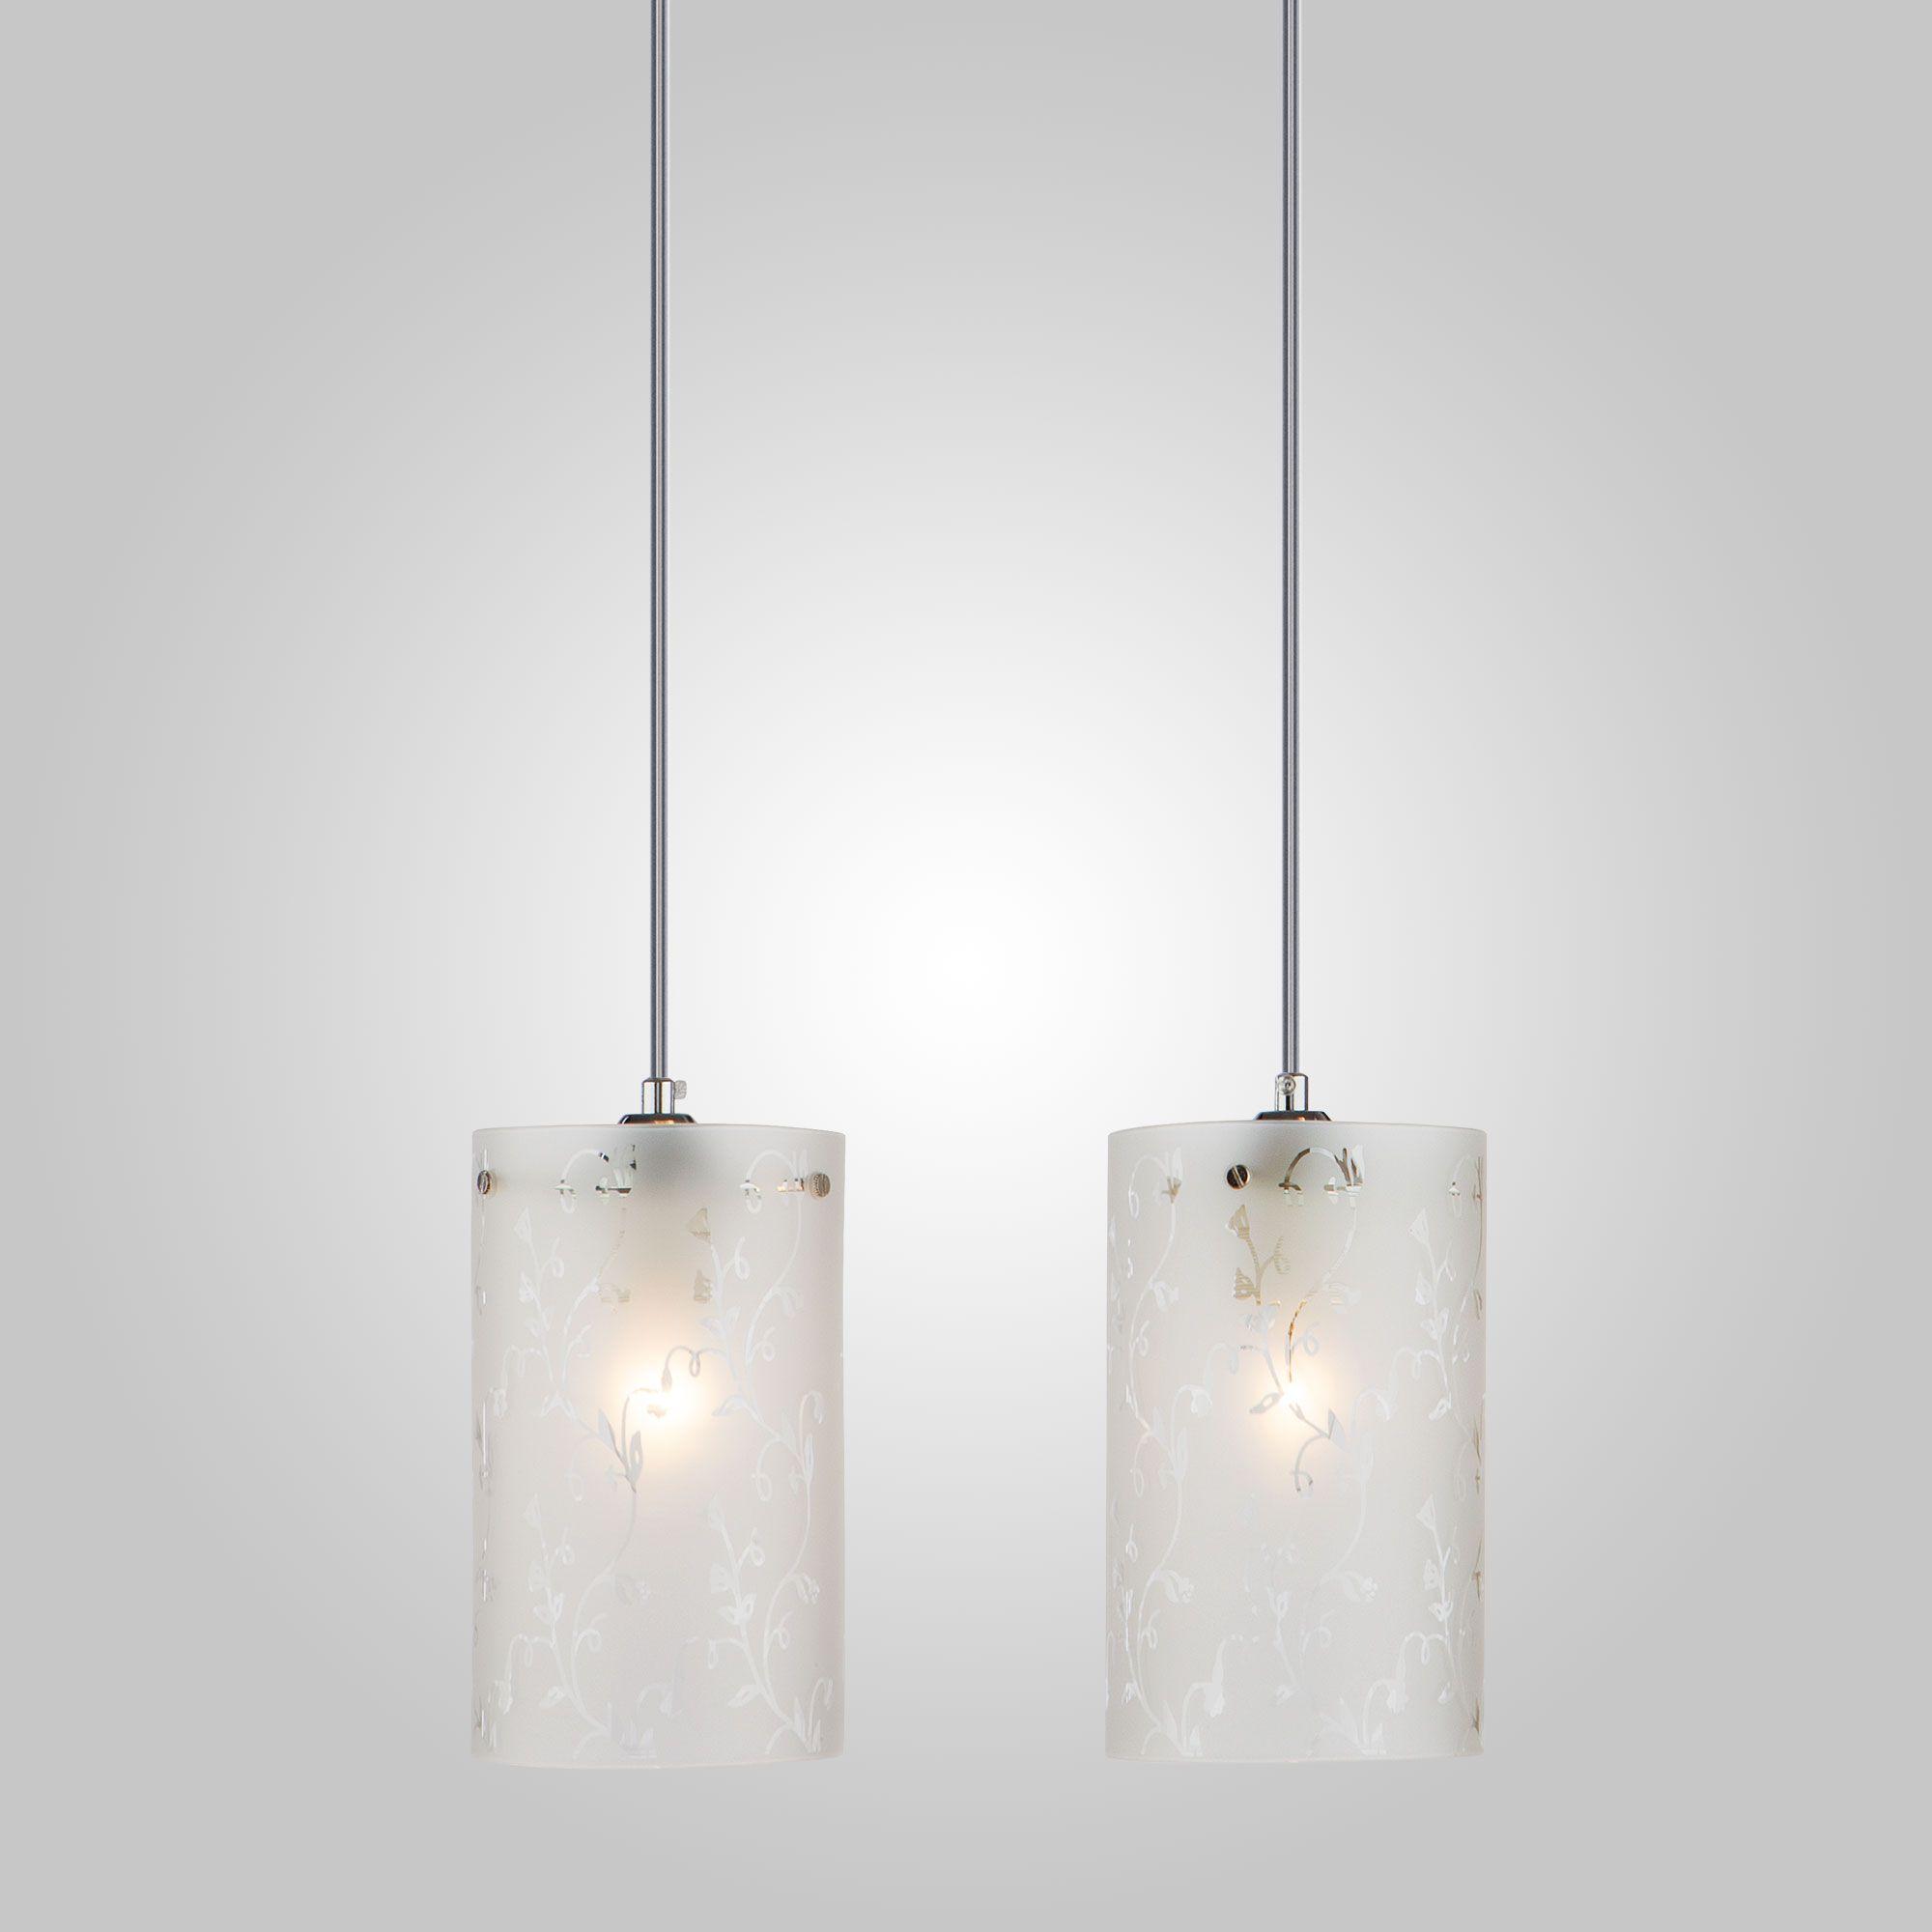 Подвесной светильник с двумя плафонами 1129/2 хром